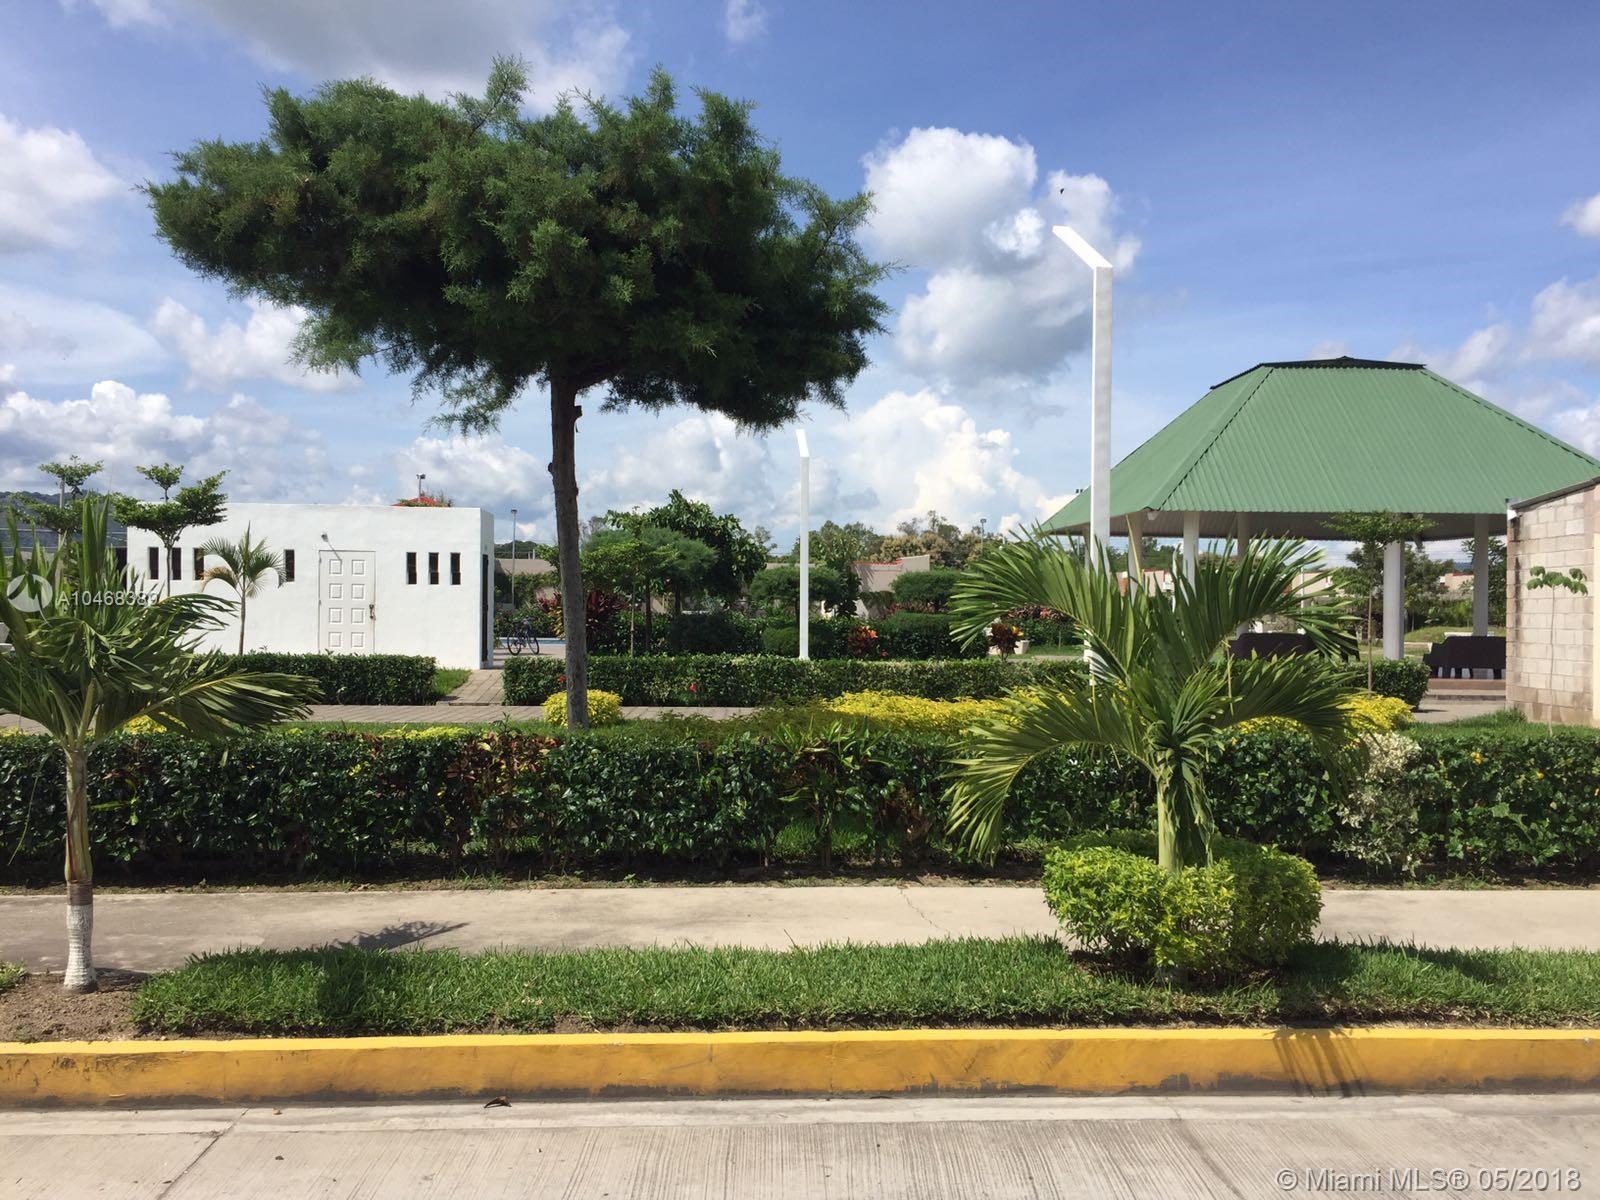 4 Poligono, Florida 1, 3 Bedrooms Bedrooms, ,2 BathroomsBathrooms,Residential,For Sale,4 Poligono,A10468389